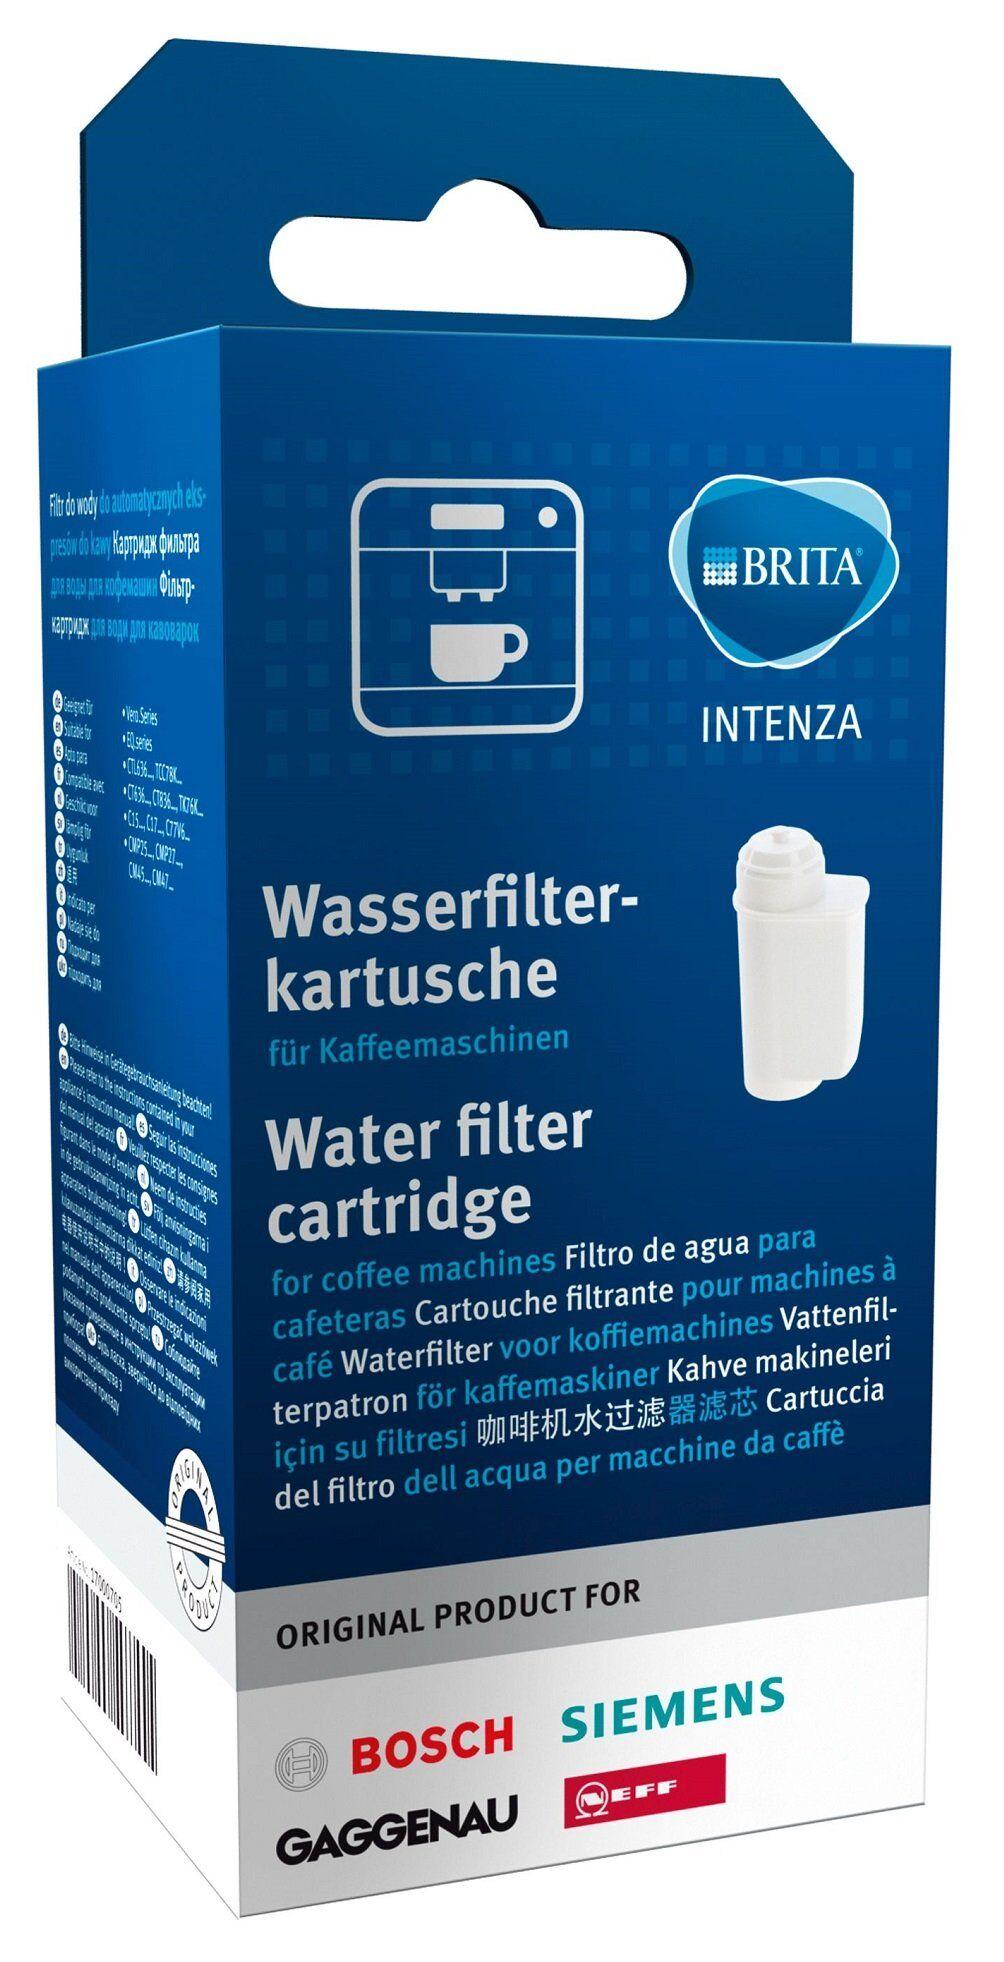 Bosch siemens (17000705) Tcz7003 Brita Intenza Vandfilter